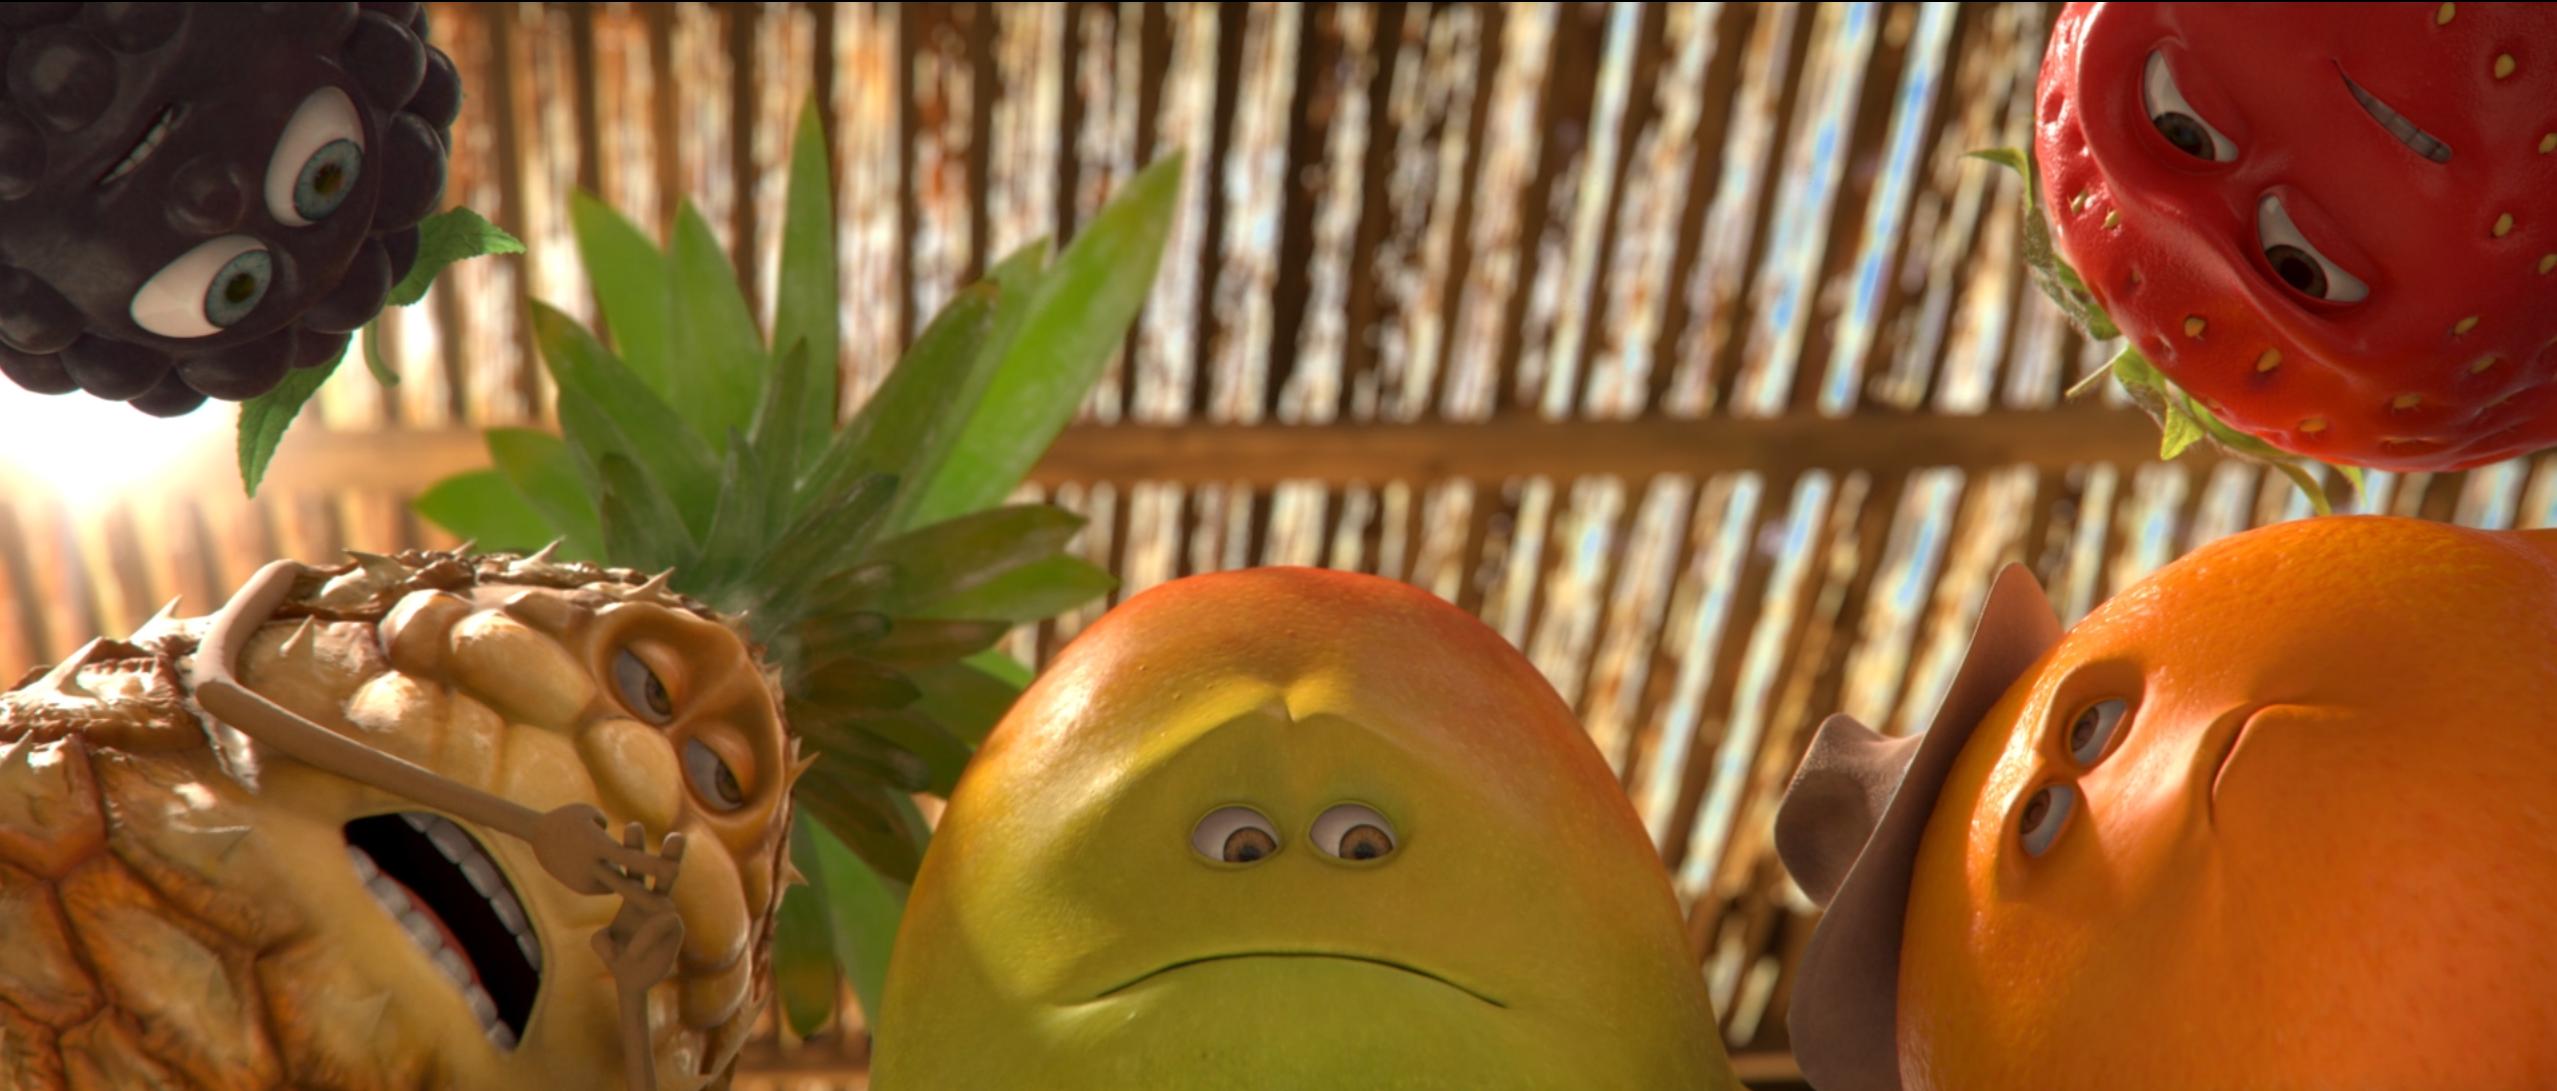 Mangue Debol, notre gaffeur préféré adepte des Vie de Mangue